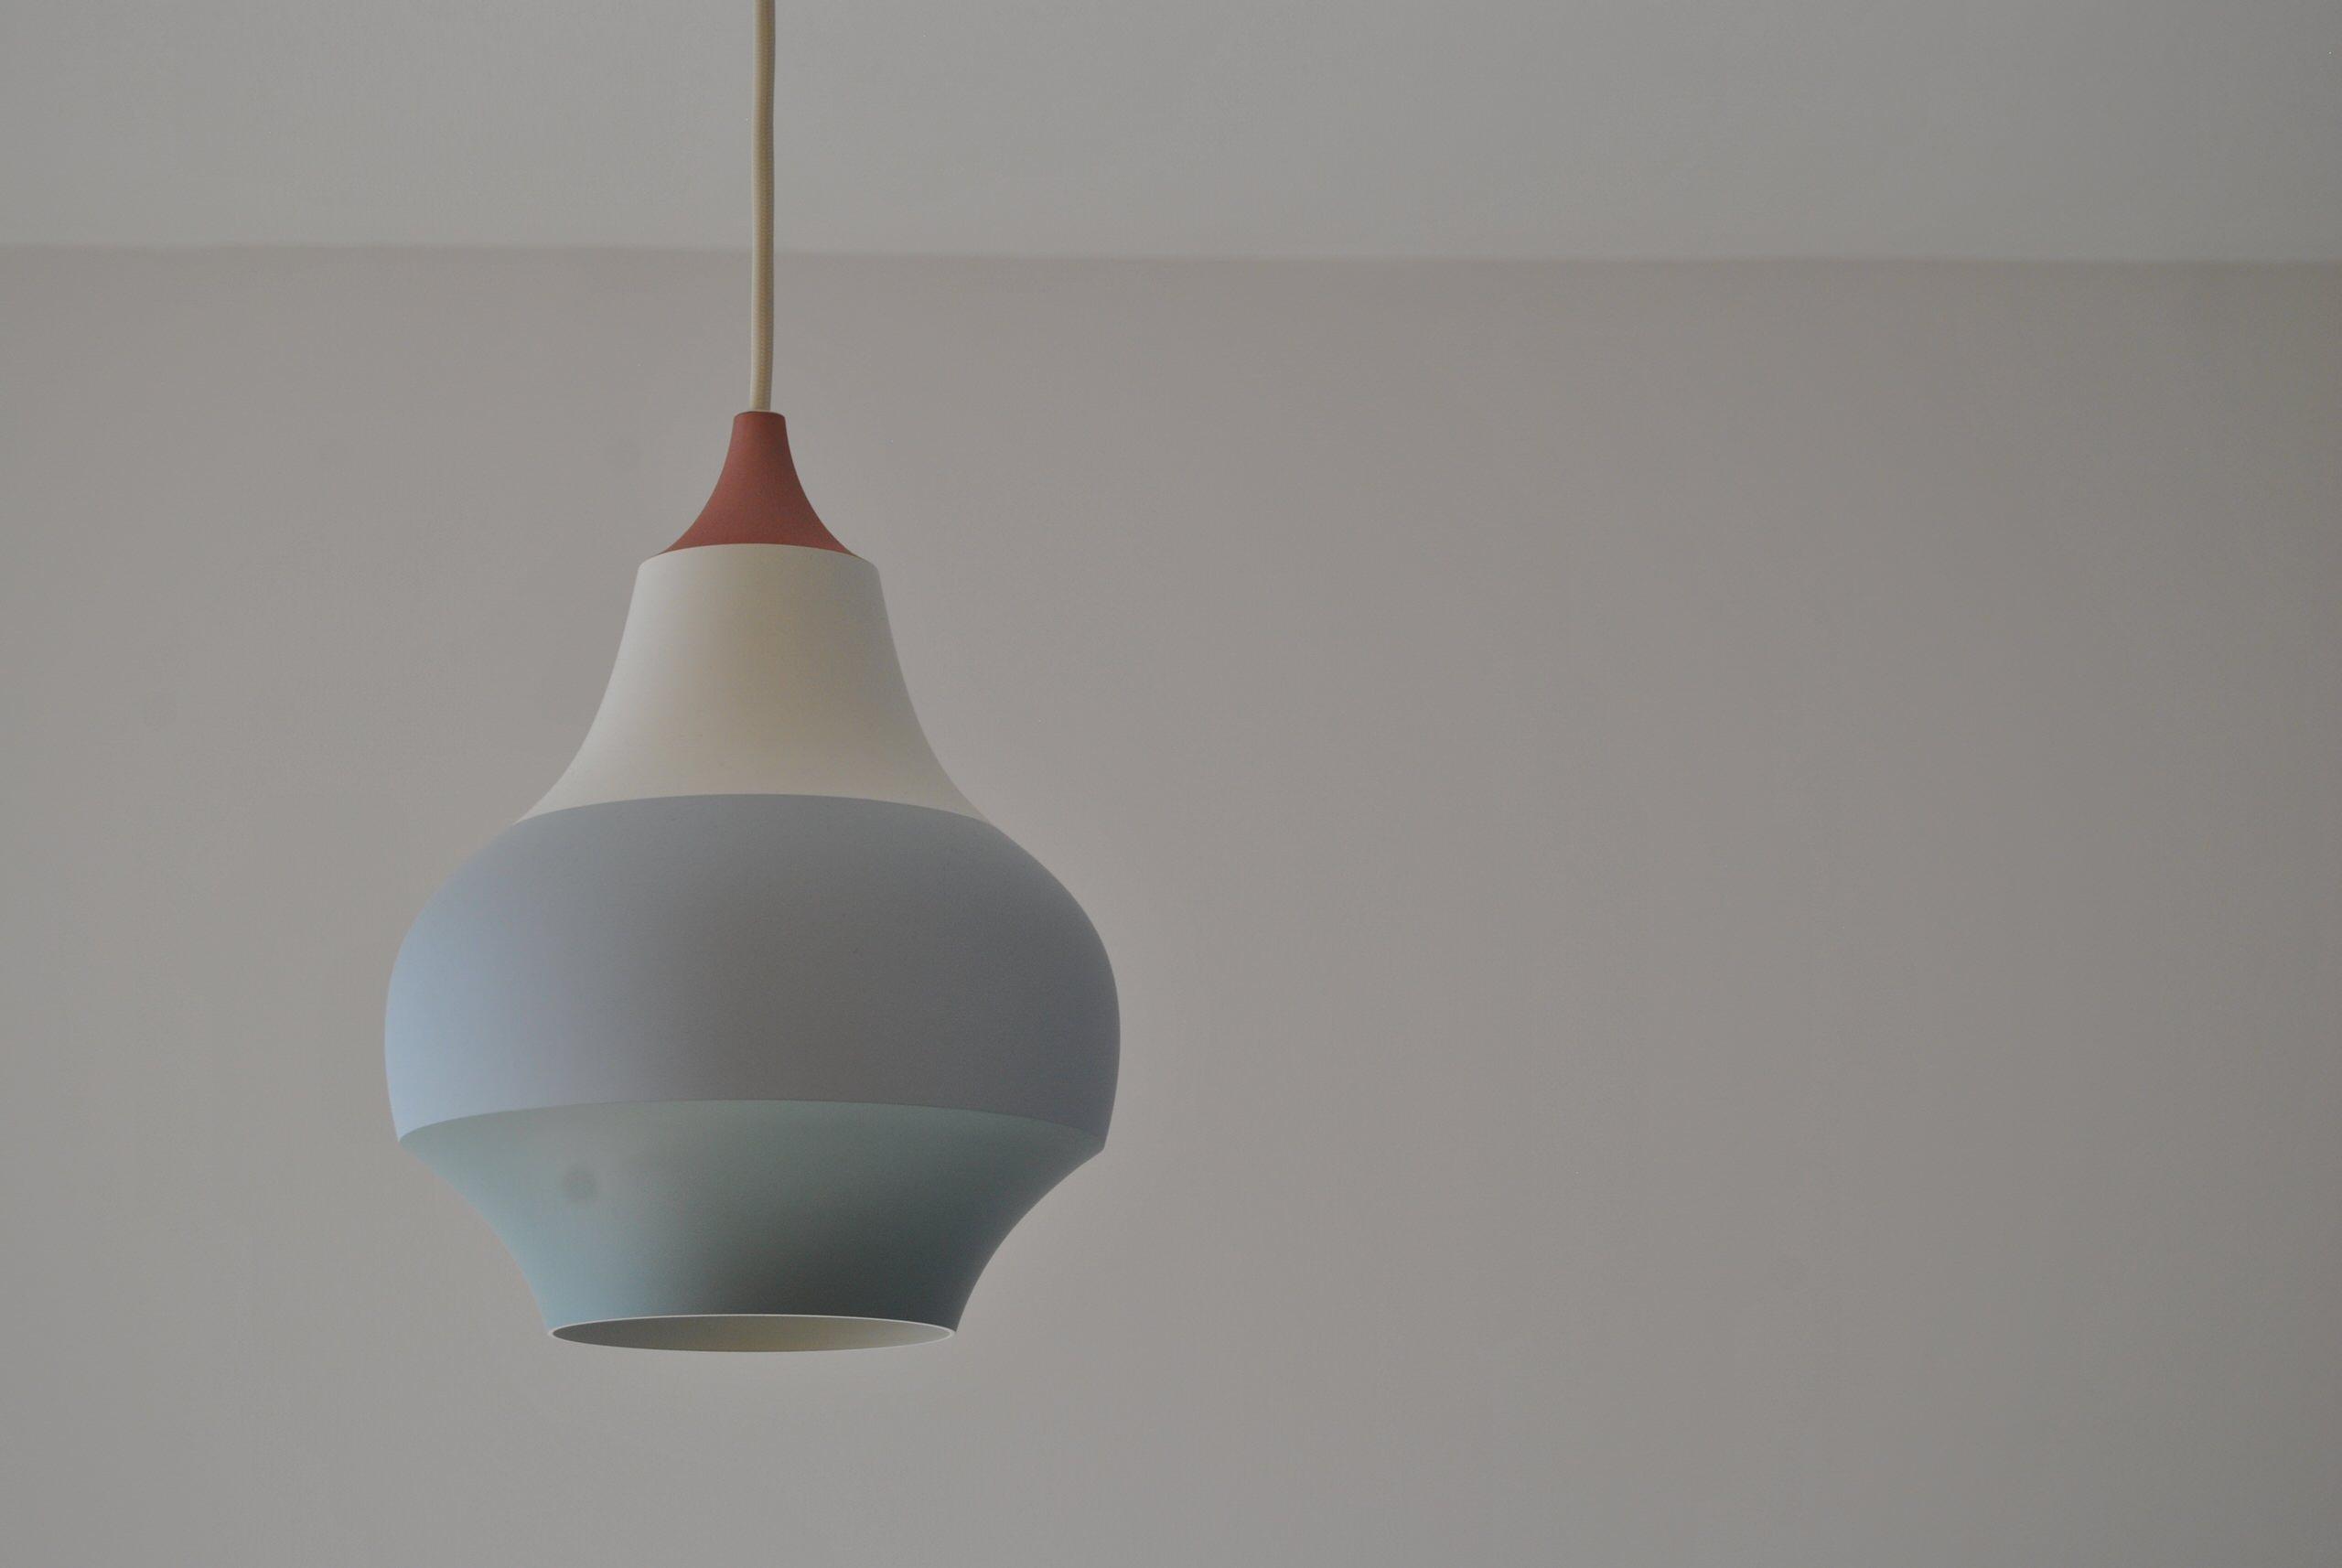 Dettaglio illuminazione a soffitto zona living.